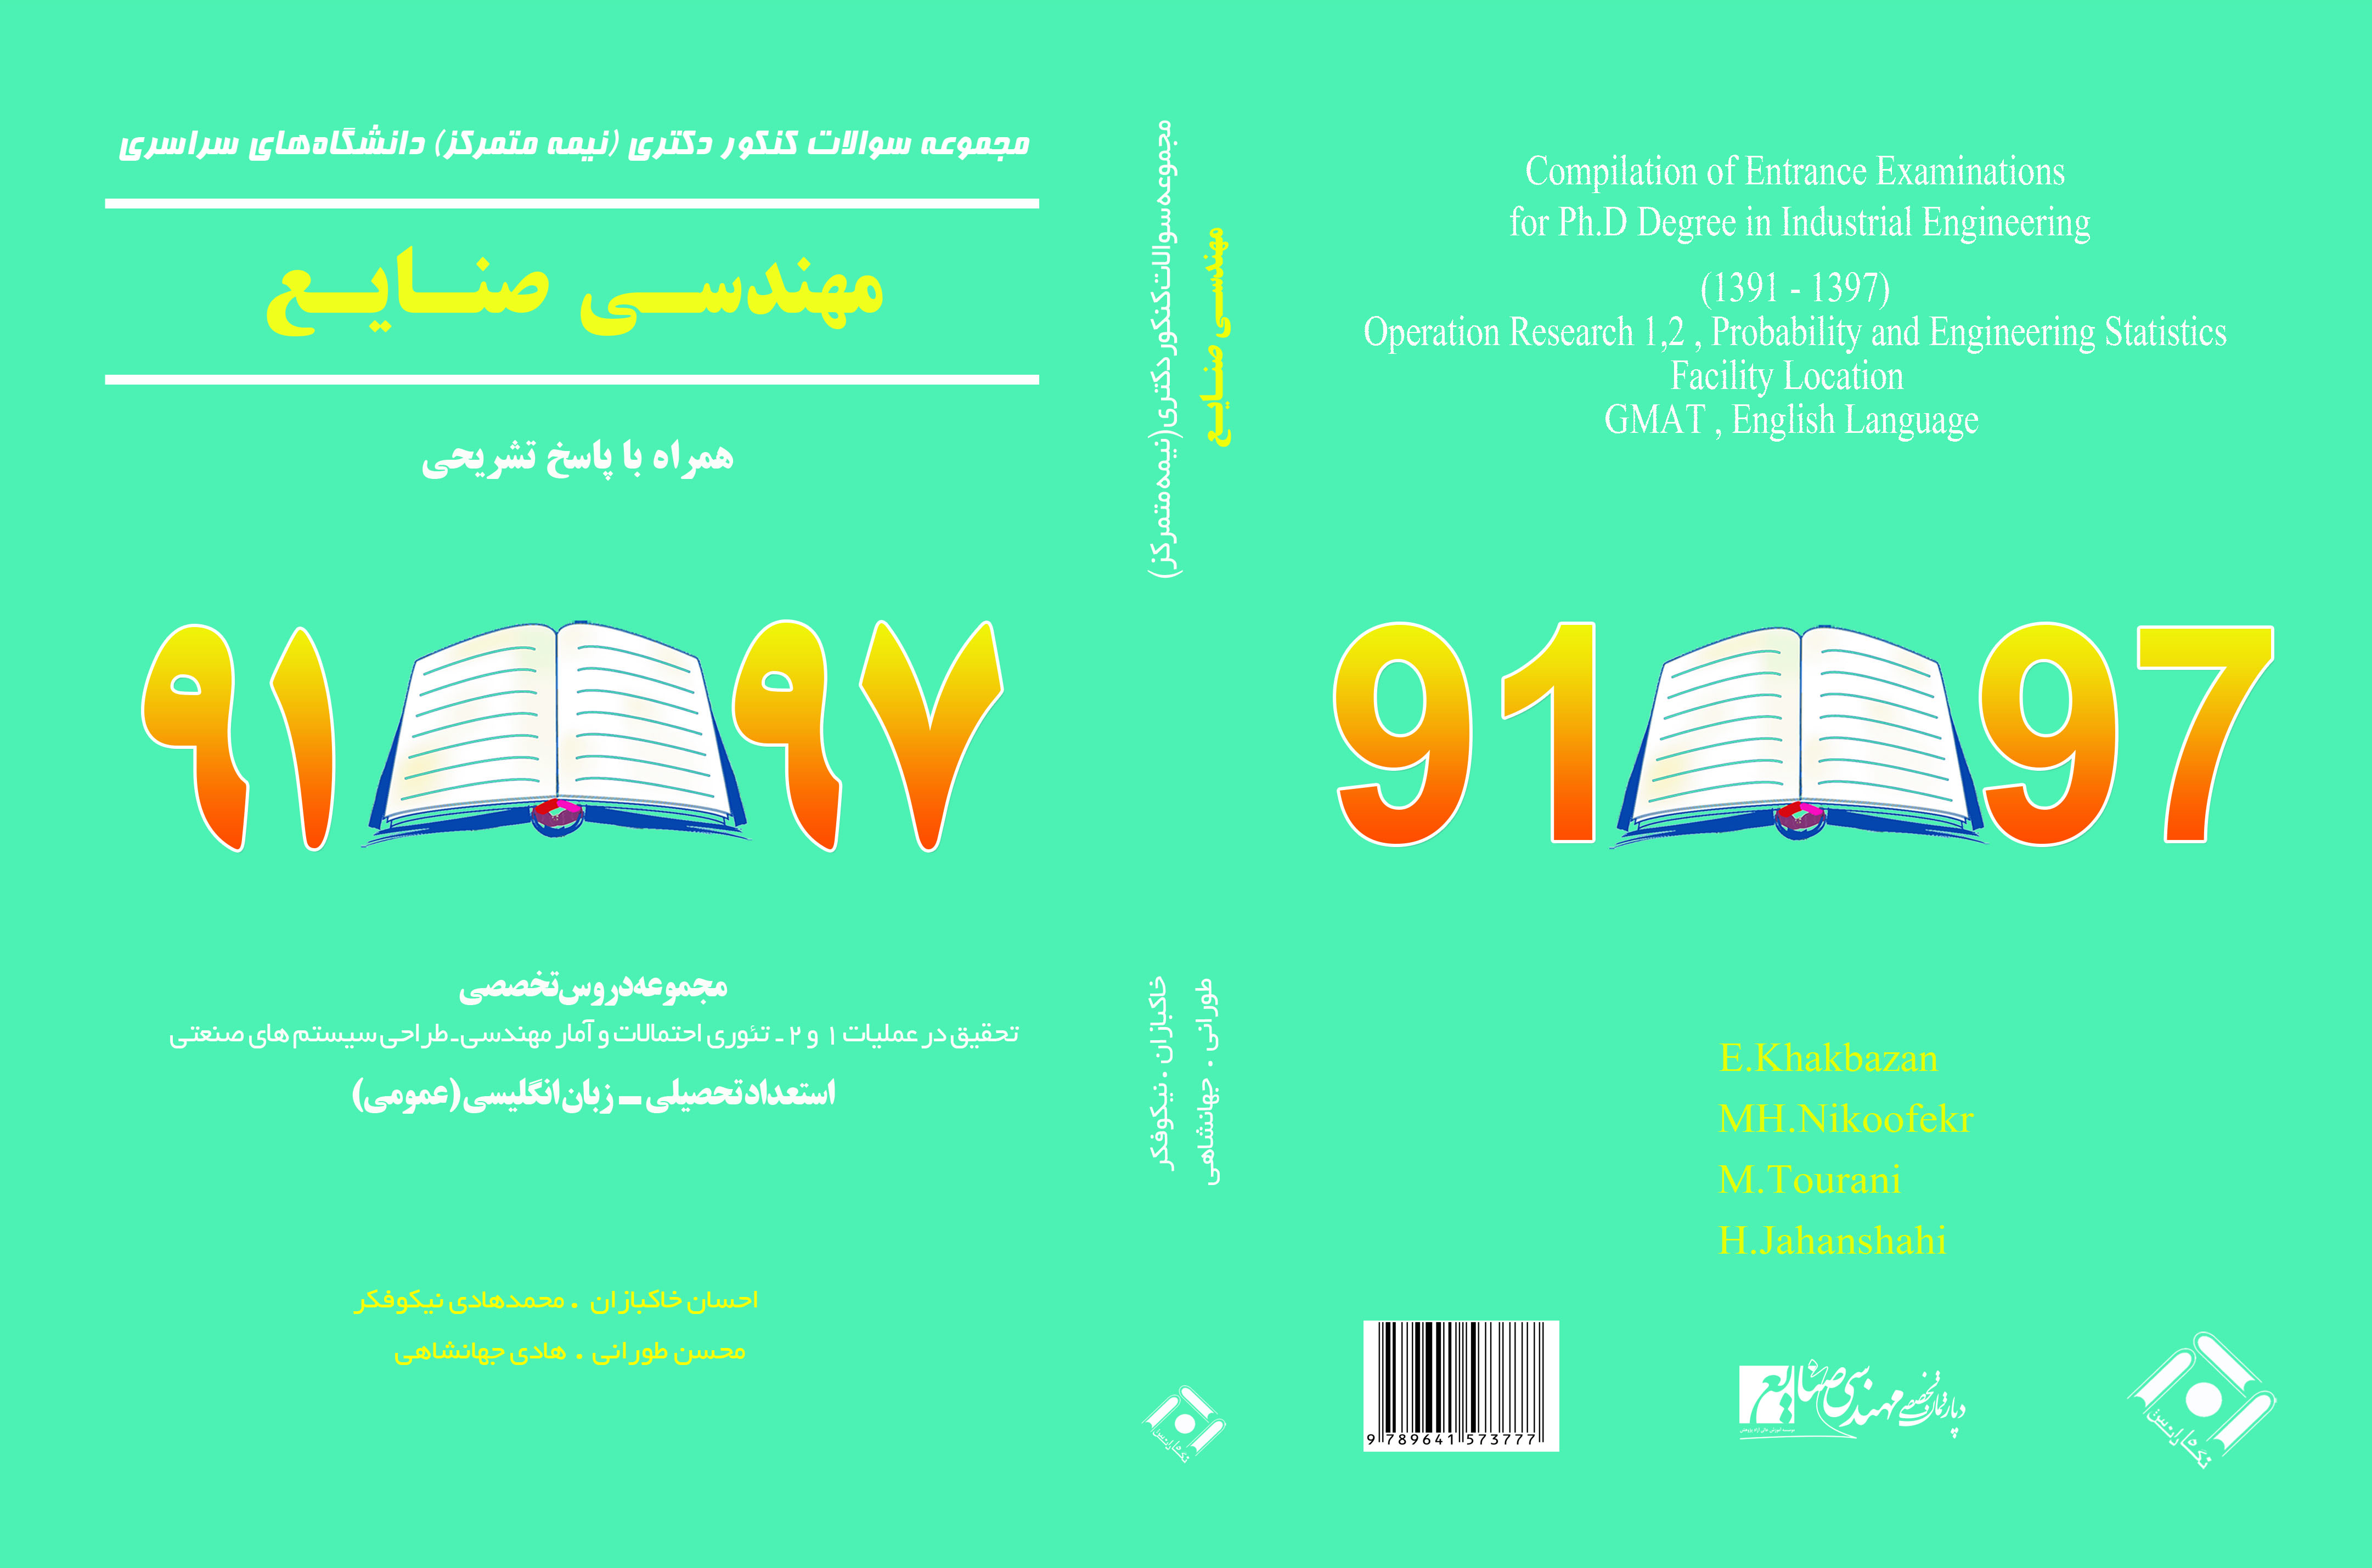 مجموعه سوالات کنکور دکتری (نیمه متمرکز) دانشگاه های سراسری مهندسی صنایع 91-97